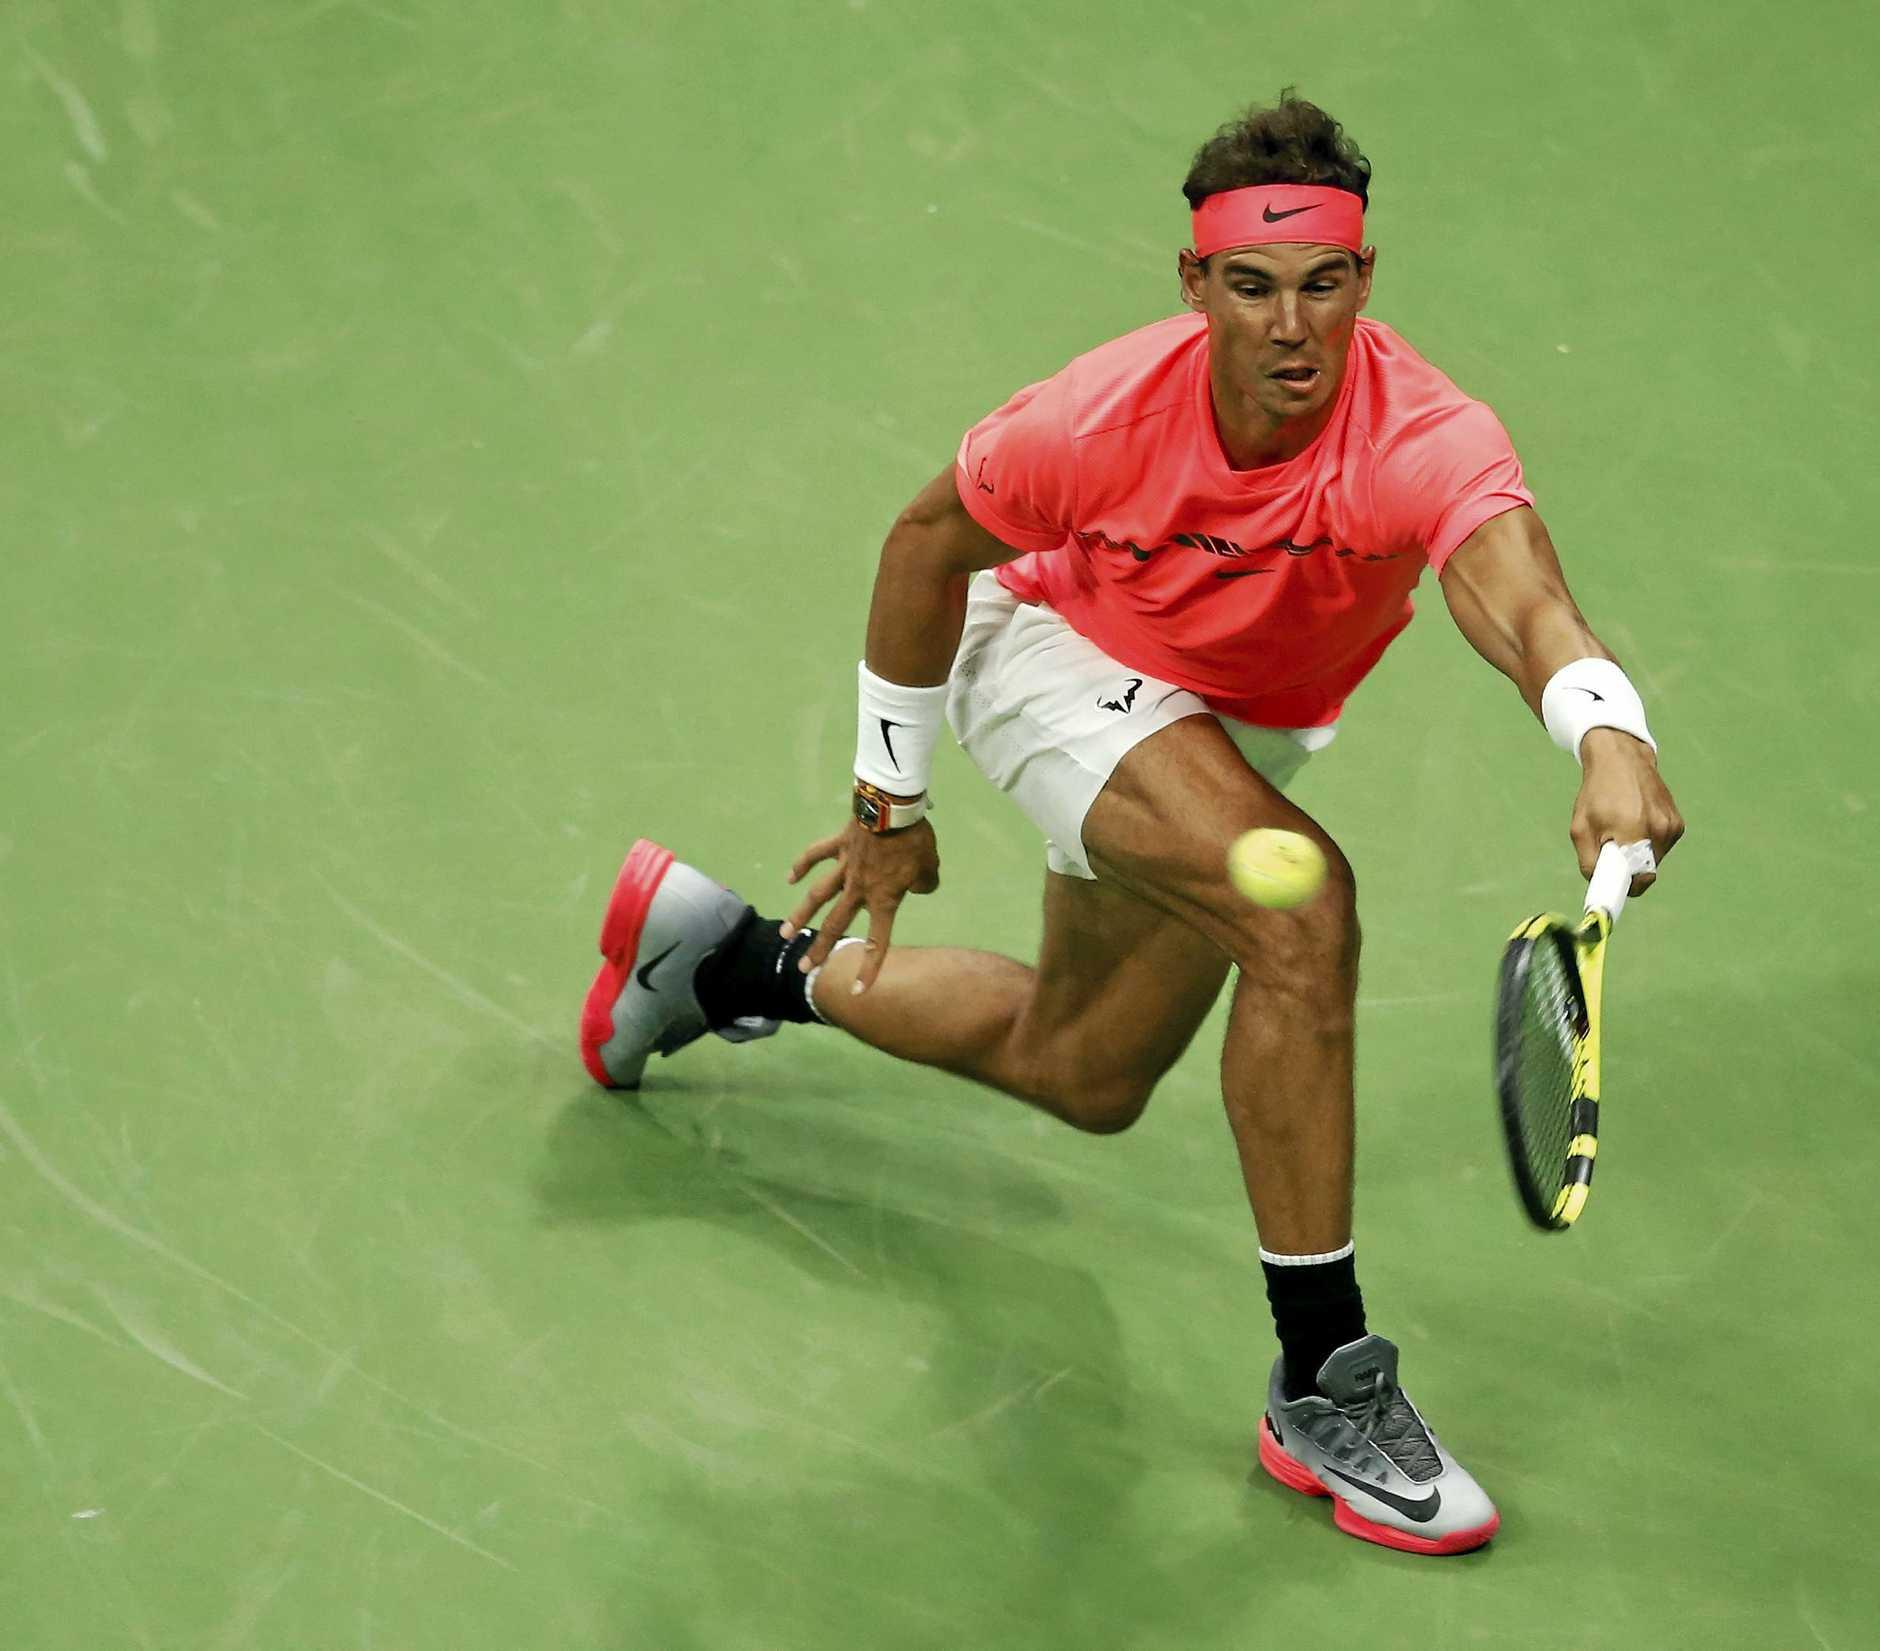 Nadal returns a shot to Andrey Rublev